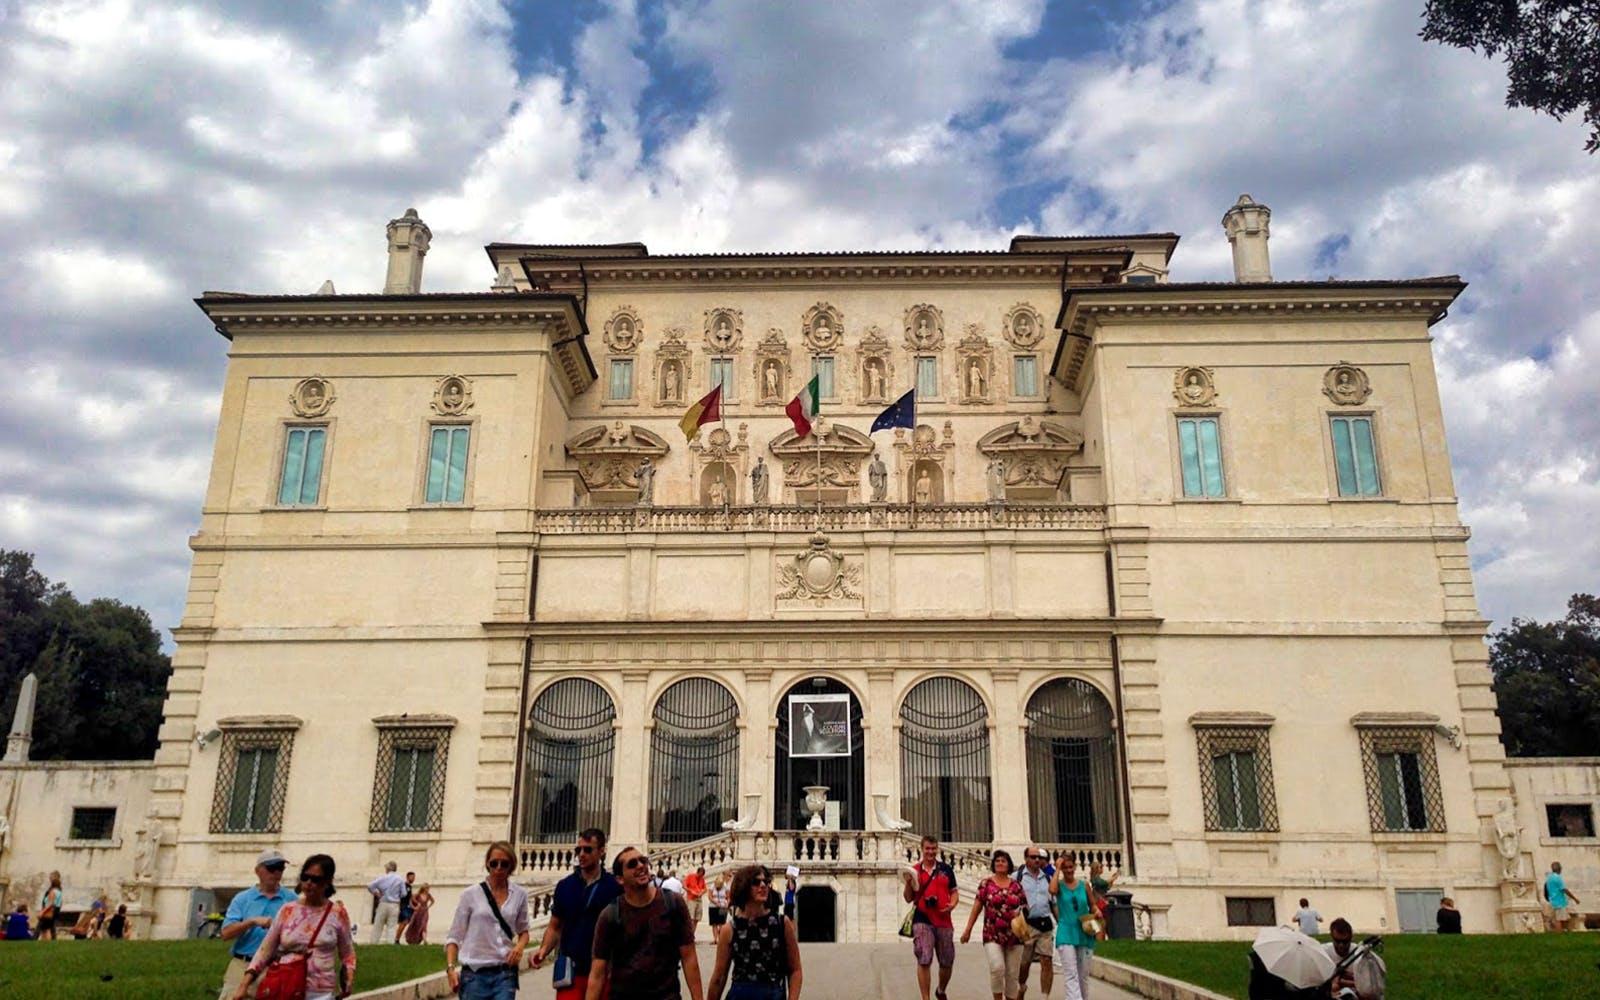 Villa Borghese Gallery and Gardens Tour